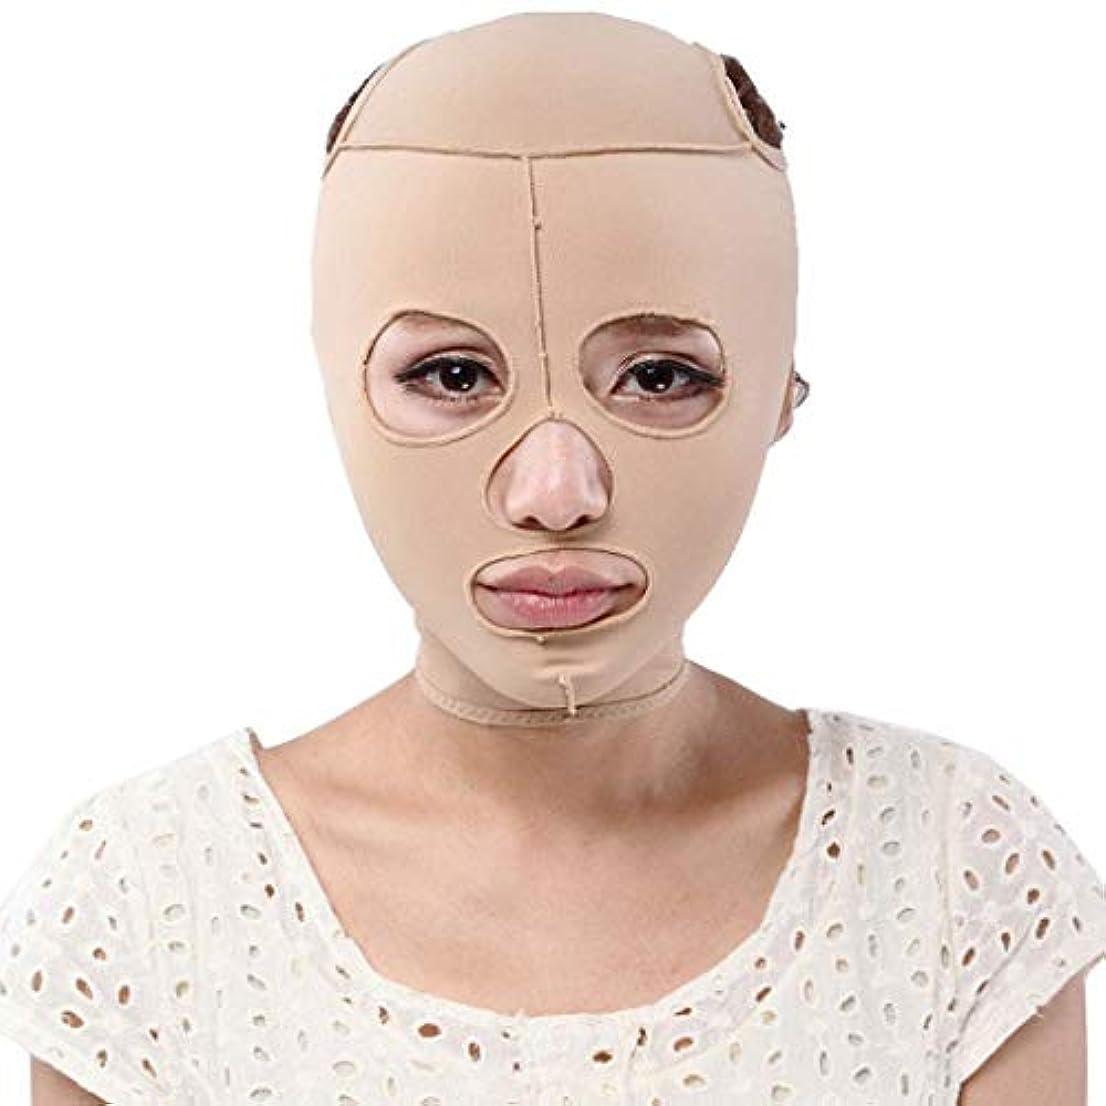 嬉しいです米国ご注意フェイシャルスリミングマスク、フェイスリフティング包帯Vフェイスリフティングおよびリフティング/チンブラッシュスリムボディリダクションダブルチン減量包帯通気性、肌(XL) (S)